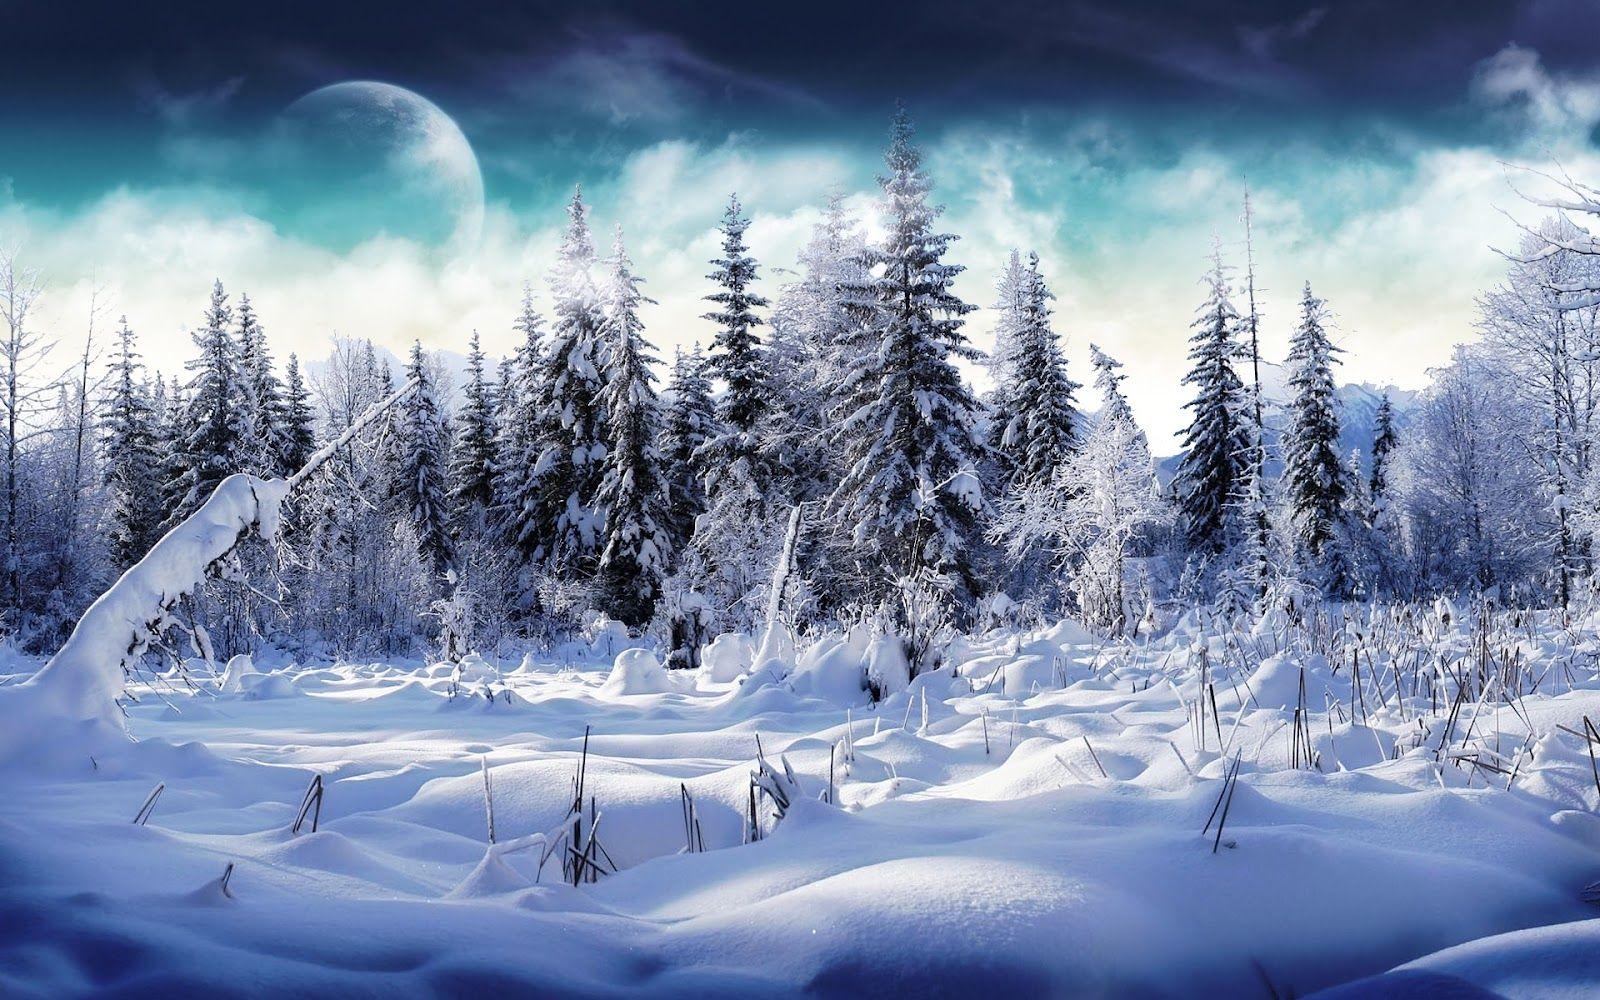 Winter Wallpaper 33 Jpg 1600 1000 Winter Landscape Winter Scenery Landscape Wallpaper